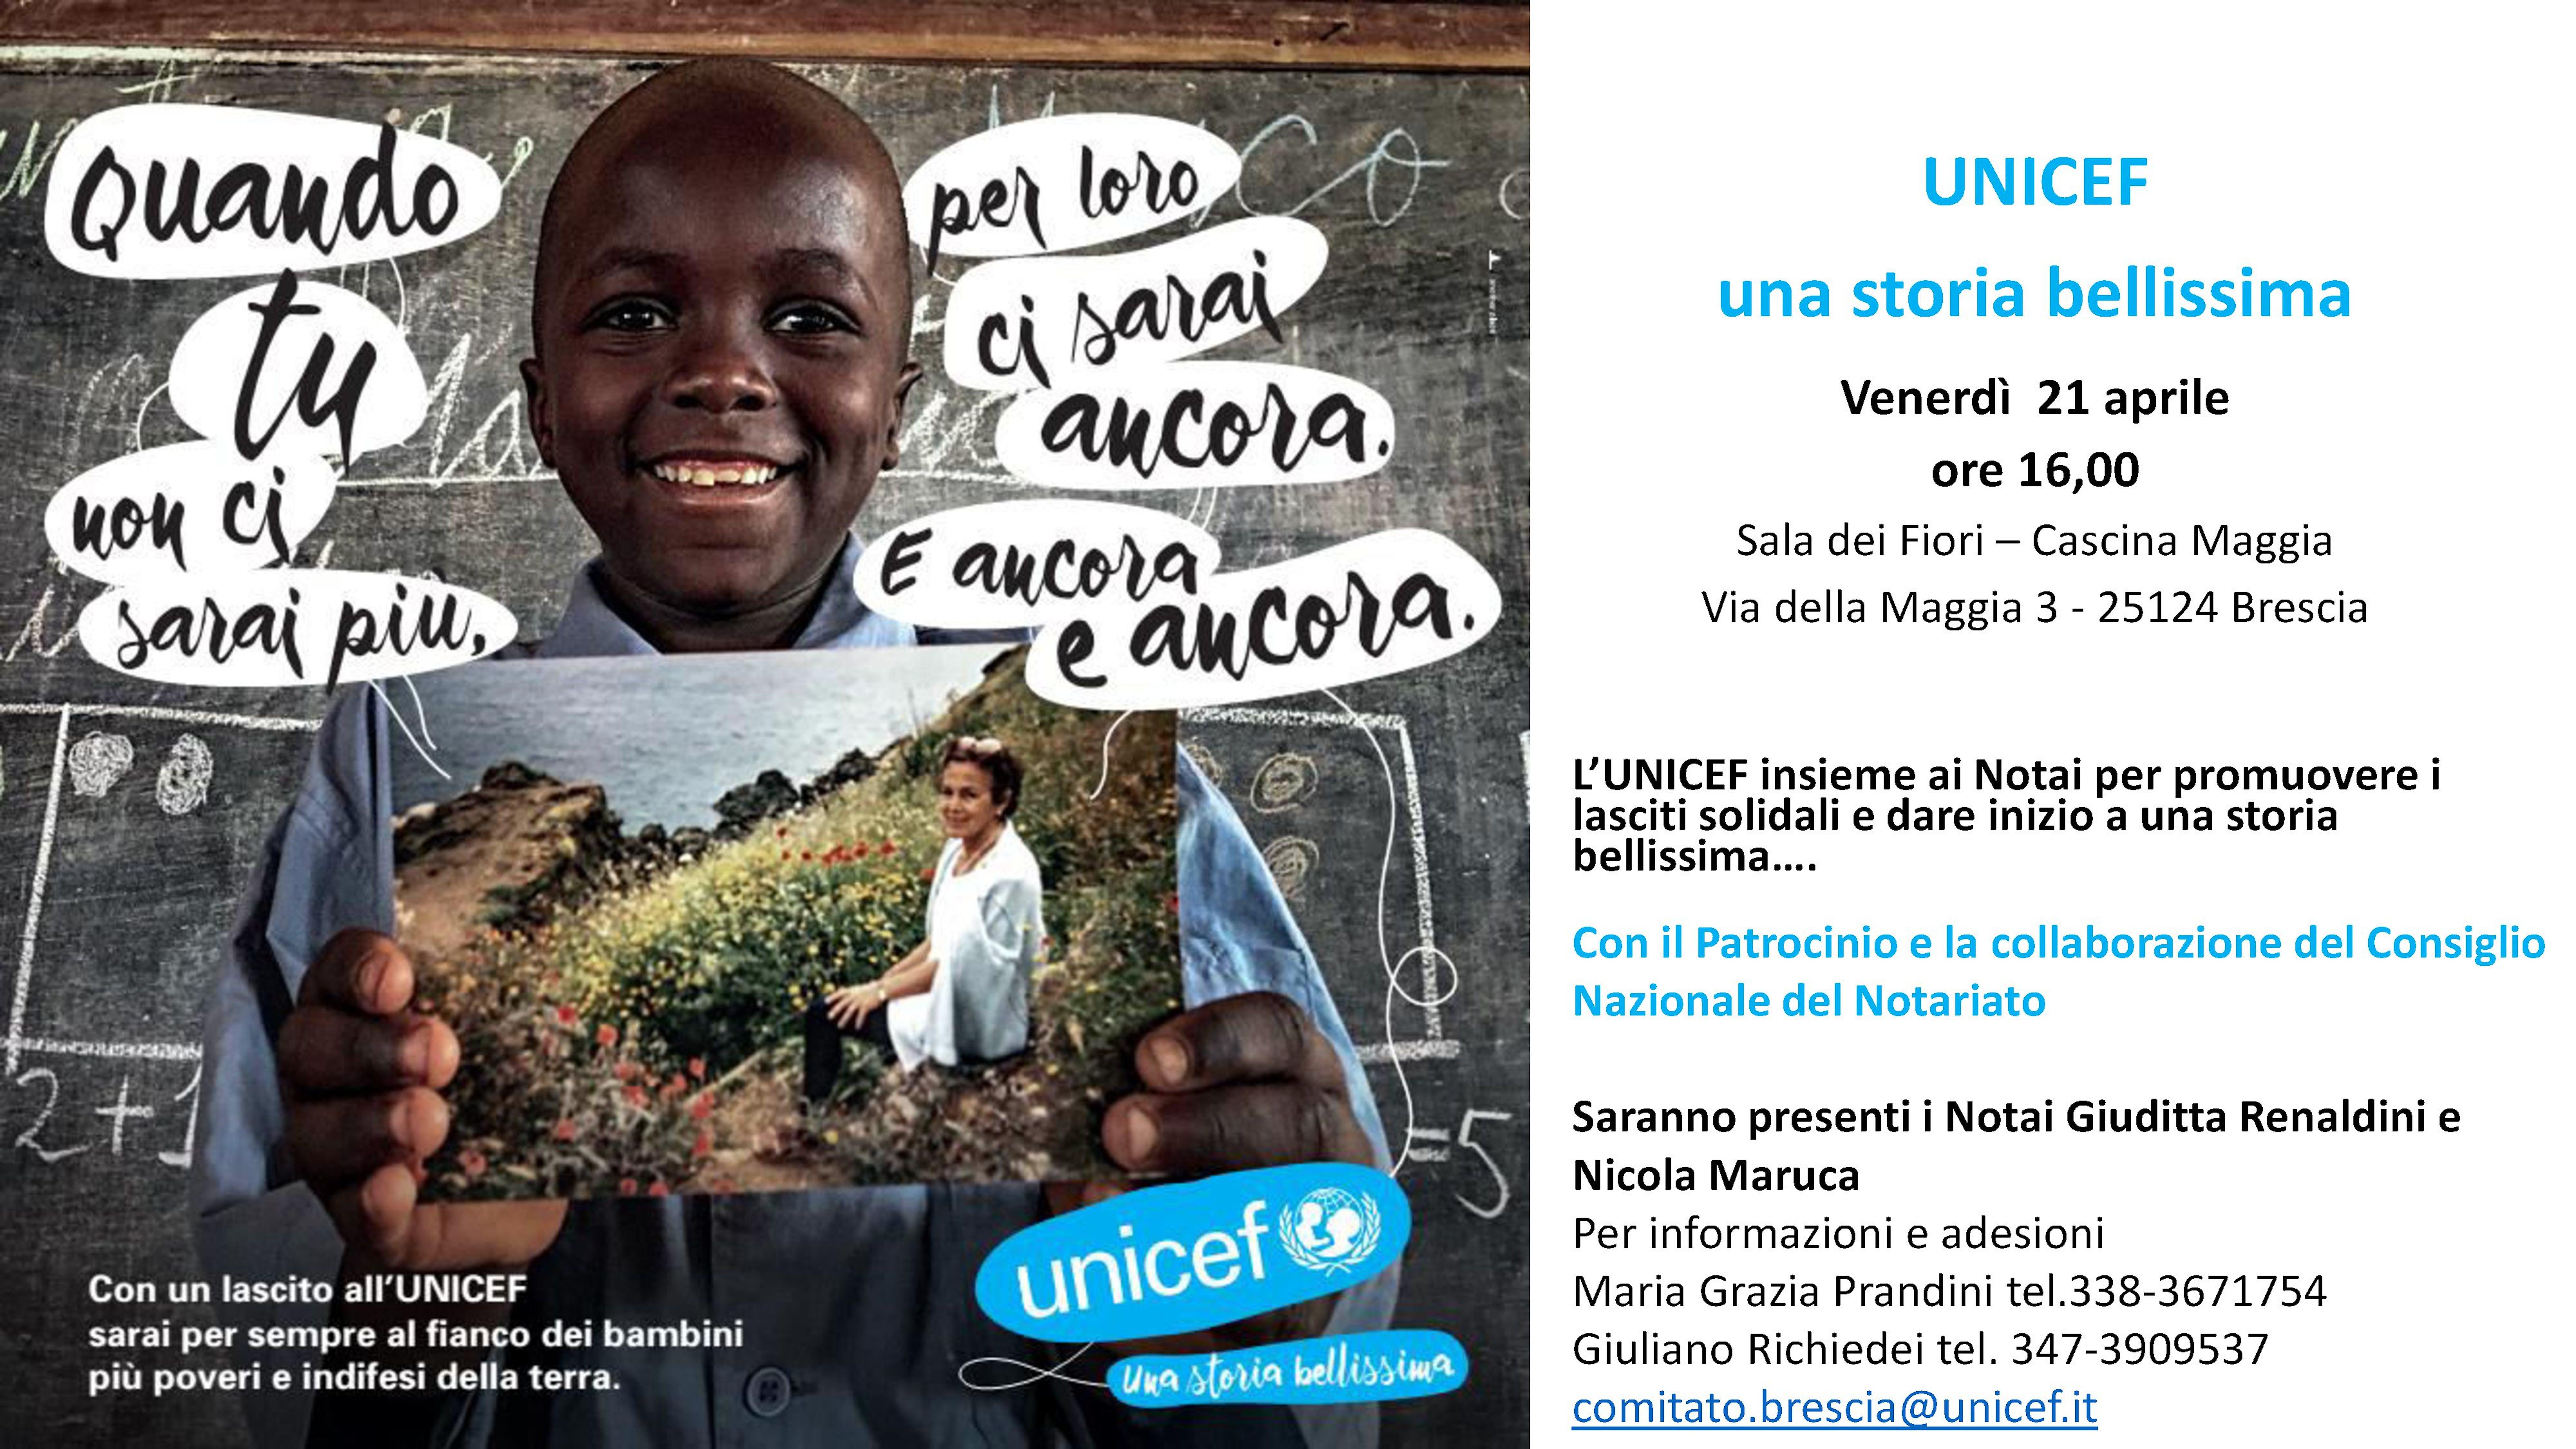 A Brescia: l'UNICEF insieme ai Notai per promuovere i lasciti solidali e dare inizio a una storia bellissima